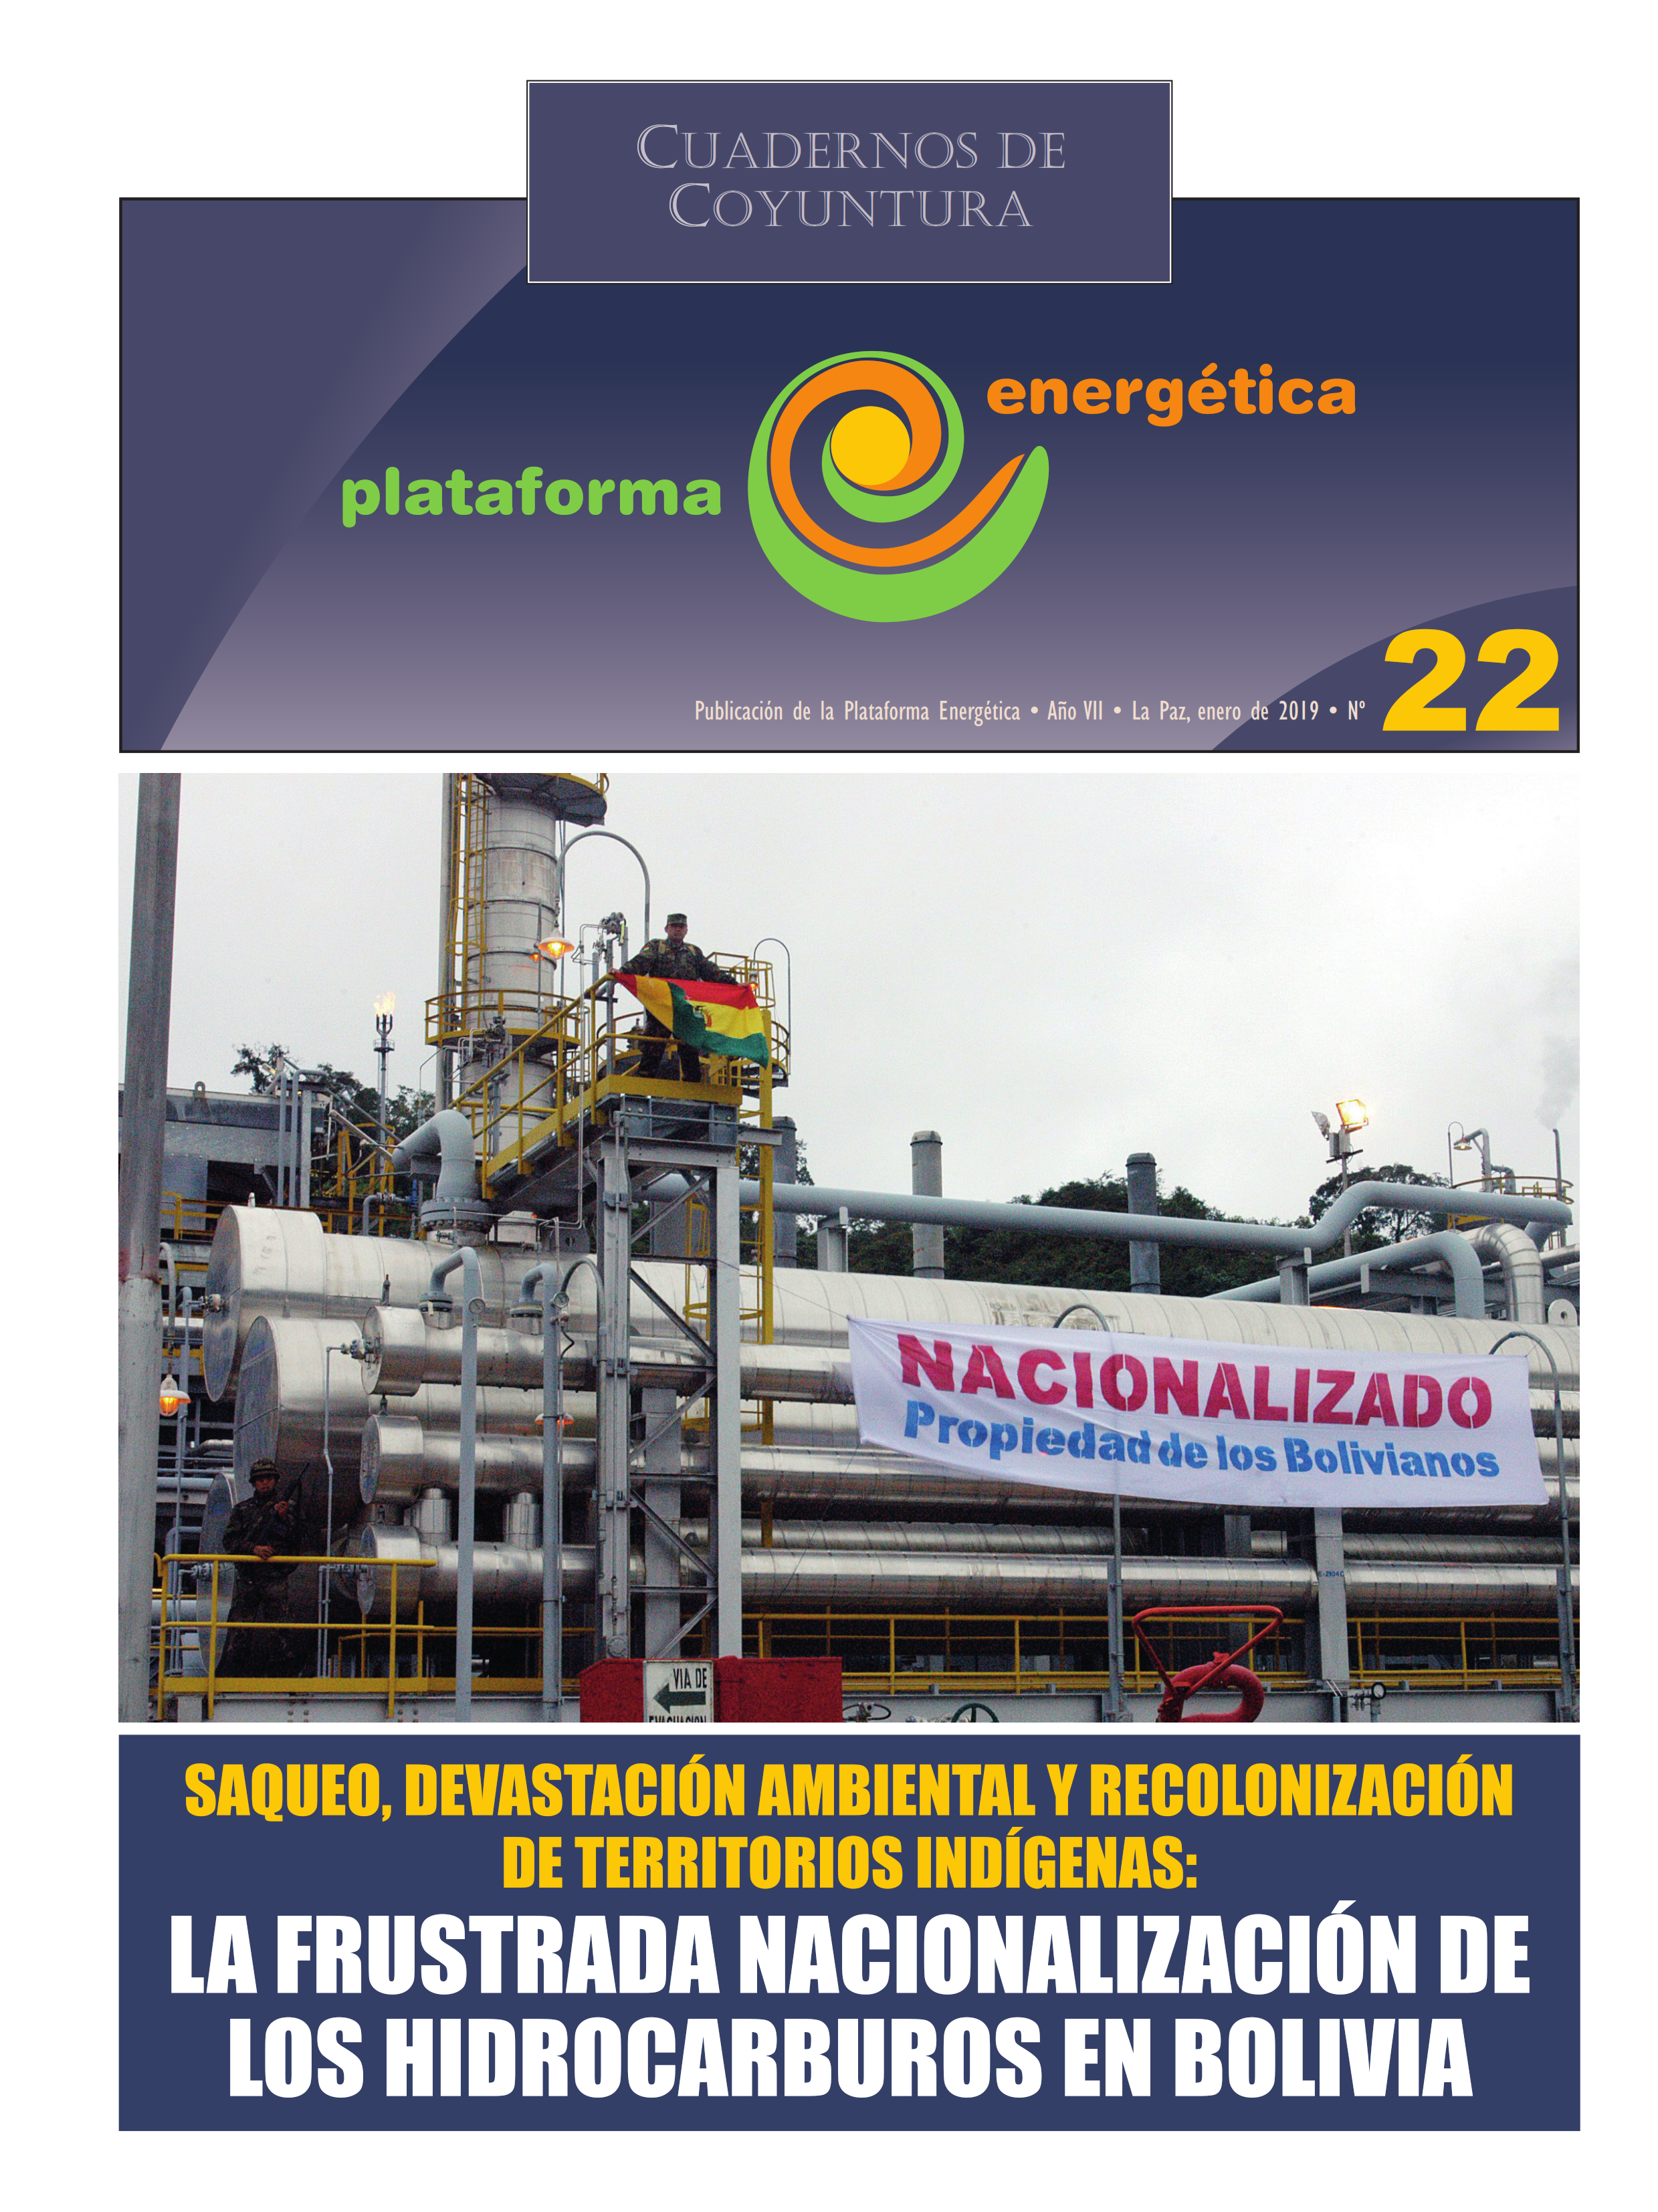 cdc_22_la_frustrada_nacionalizacion_hidrocarburos_001.png